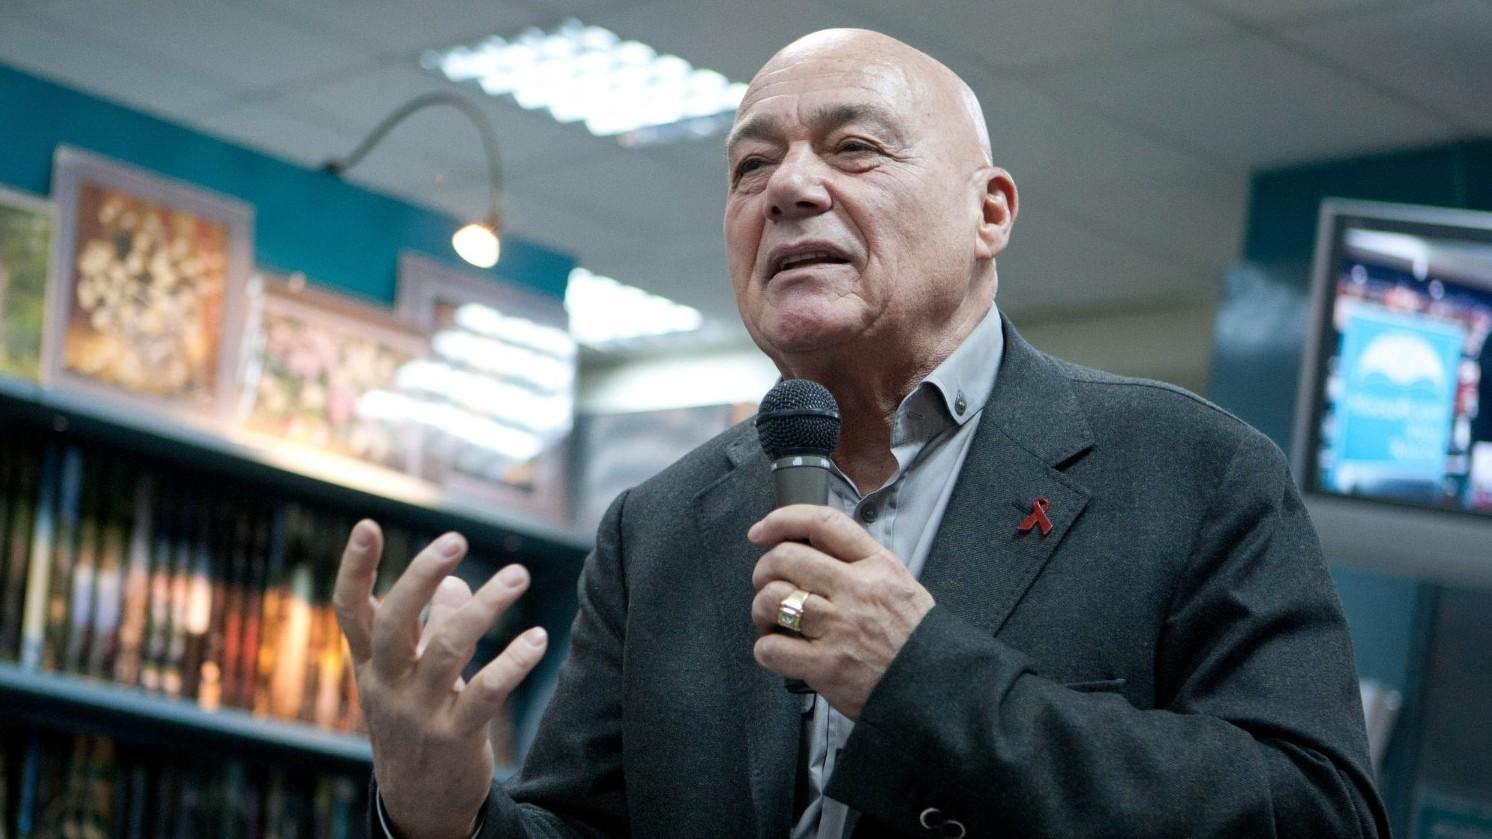 Познер — о выборах губернатора: «Сидение дома ничего не решит, Екатеринбургу надо было выйти на улицы»